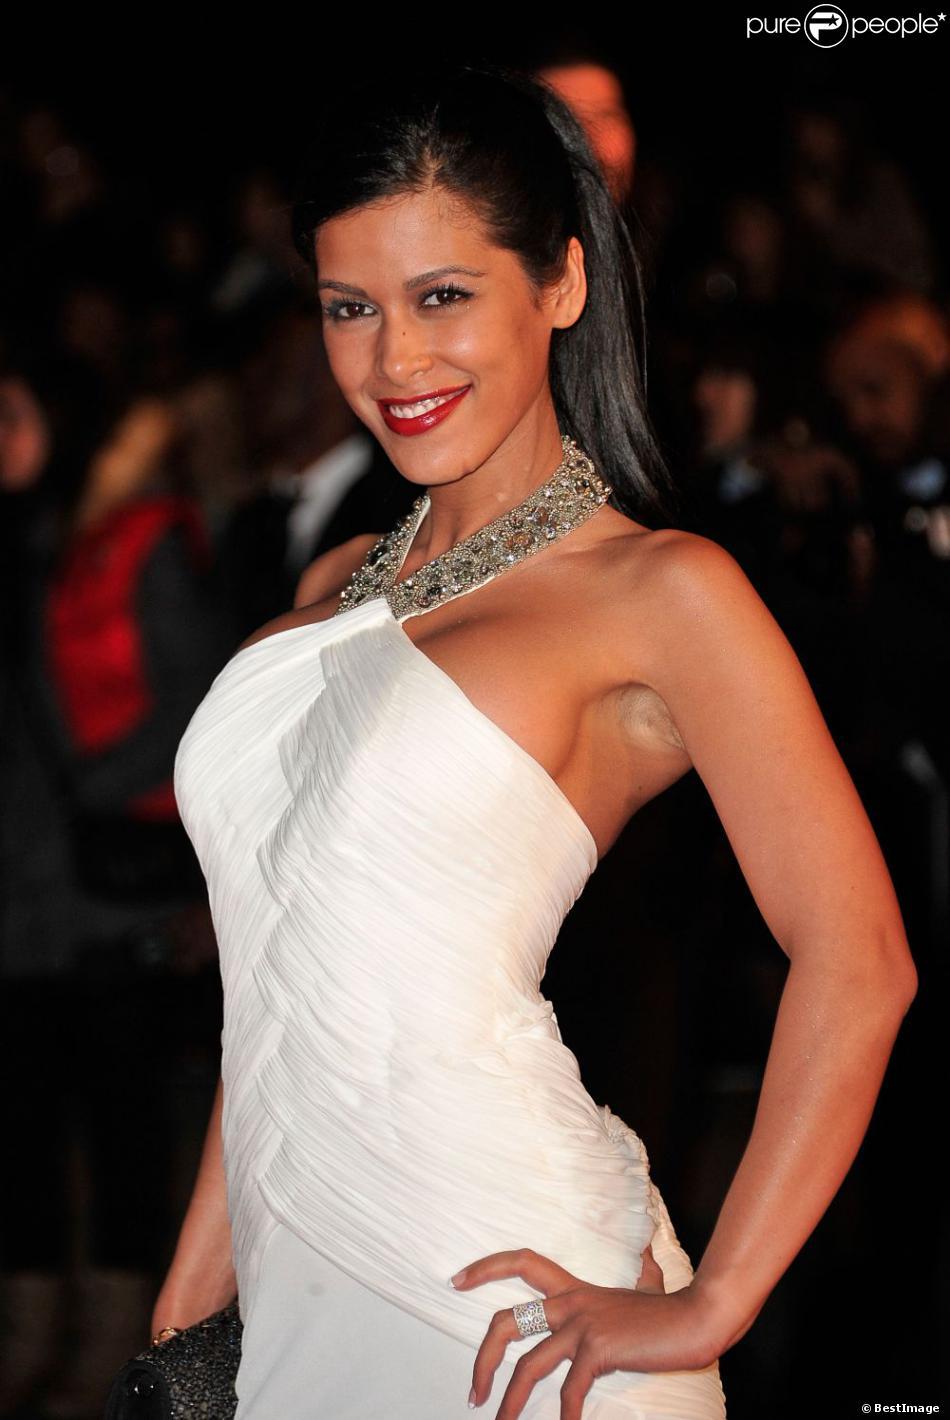 Ayem sur le tapis rouge des 14e NRJ Music Awards au Palais des Festivals à Cannes, le 26 janvier 2013